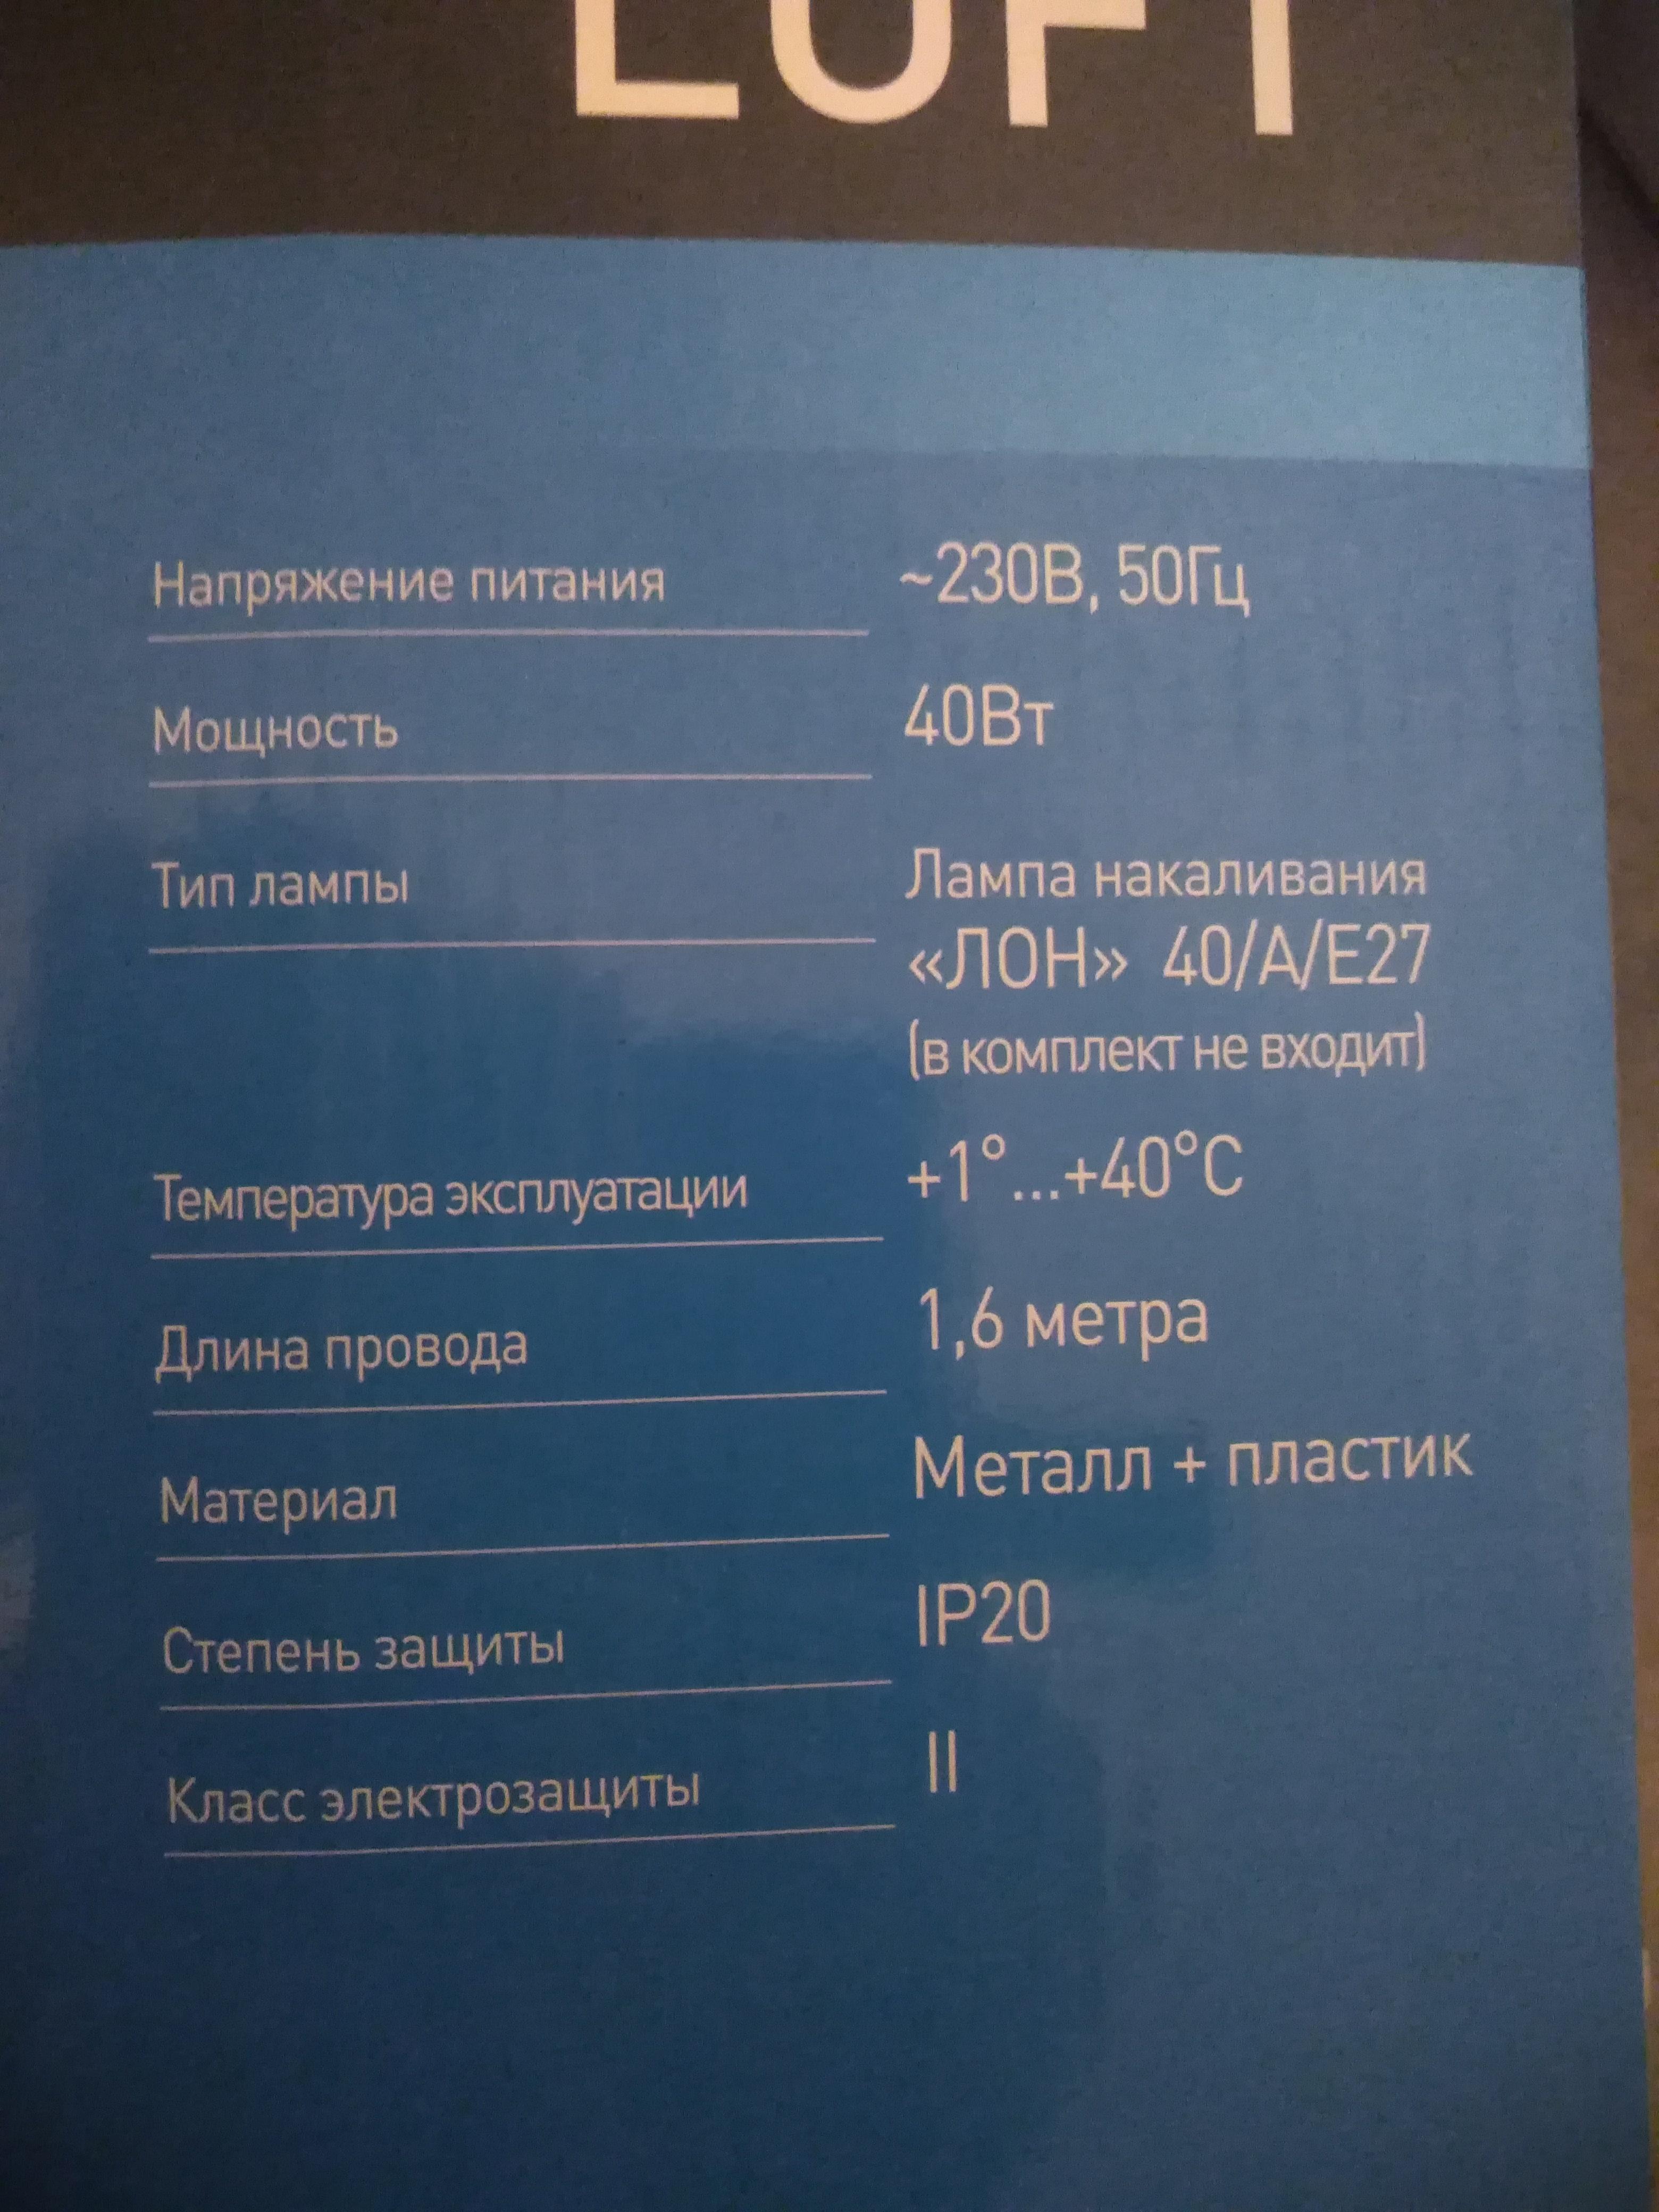 SDurQxmYPTOoxJgaE7ew59u3sgJK5COM0PLOS5h9.jpeg